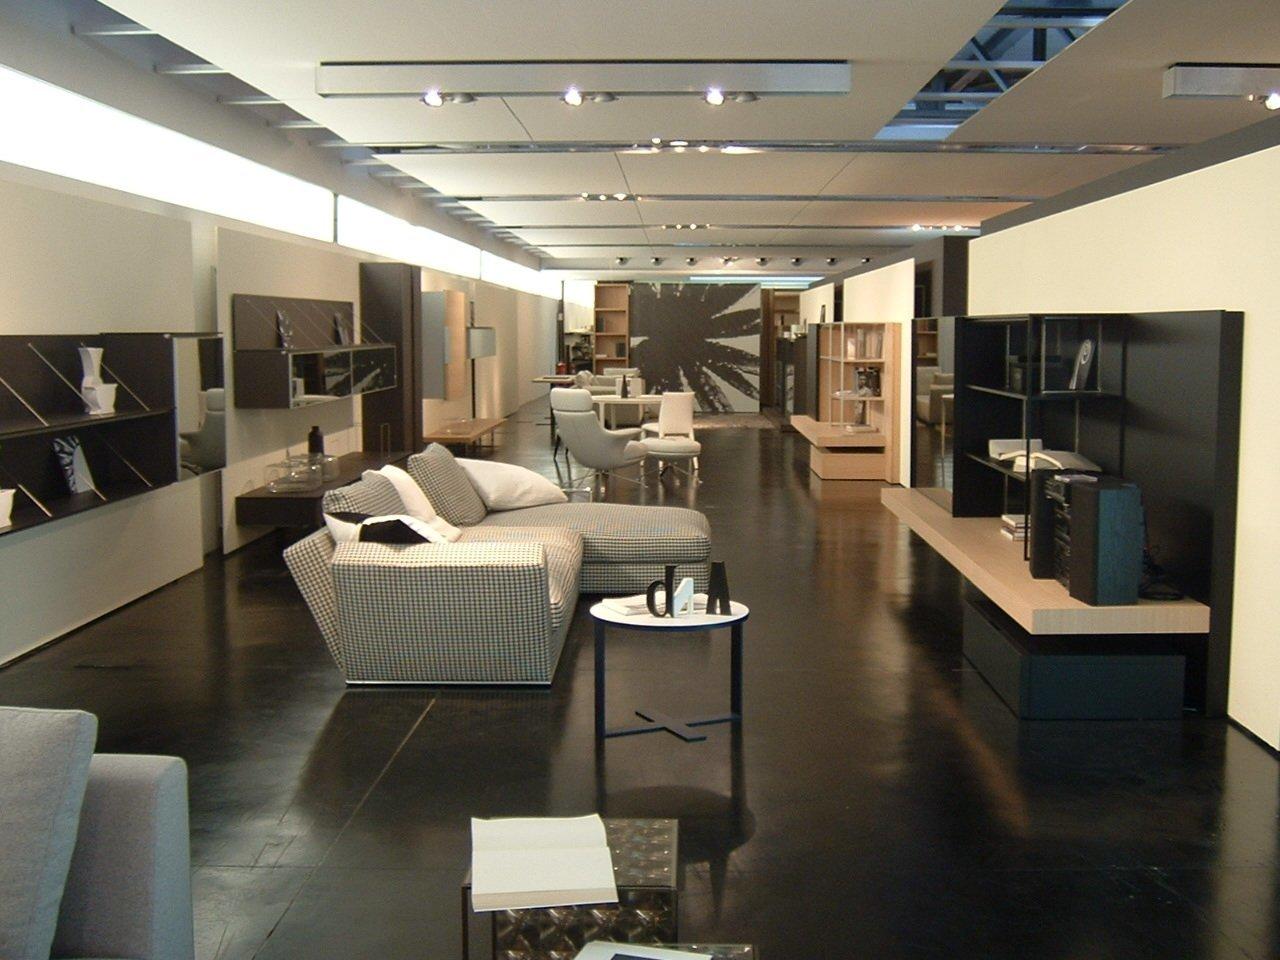 店舗 デザイン   ショールームのデザイン・設計の種類別 金額・費用相場とポイント